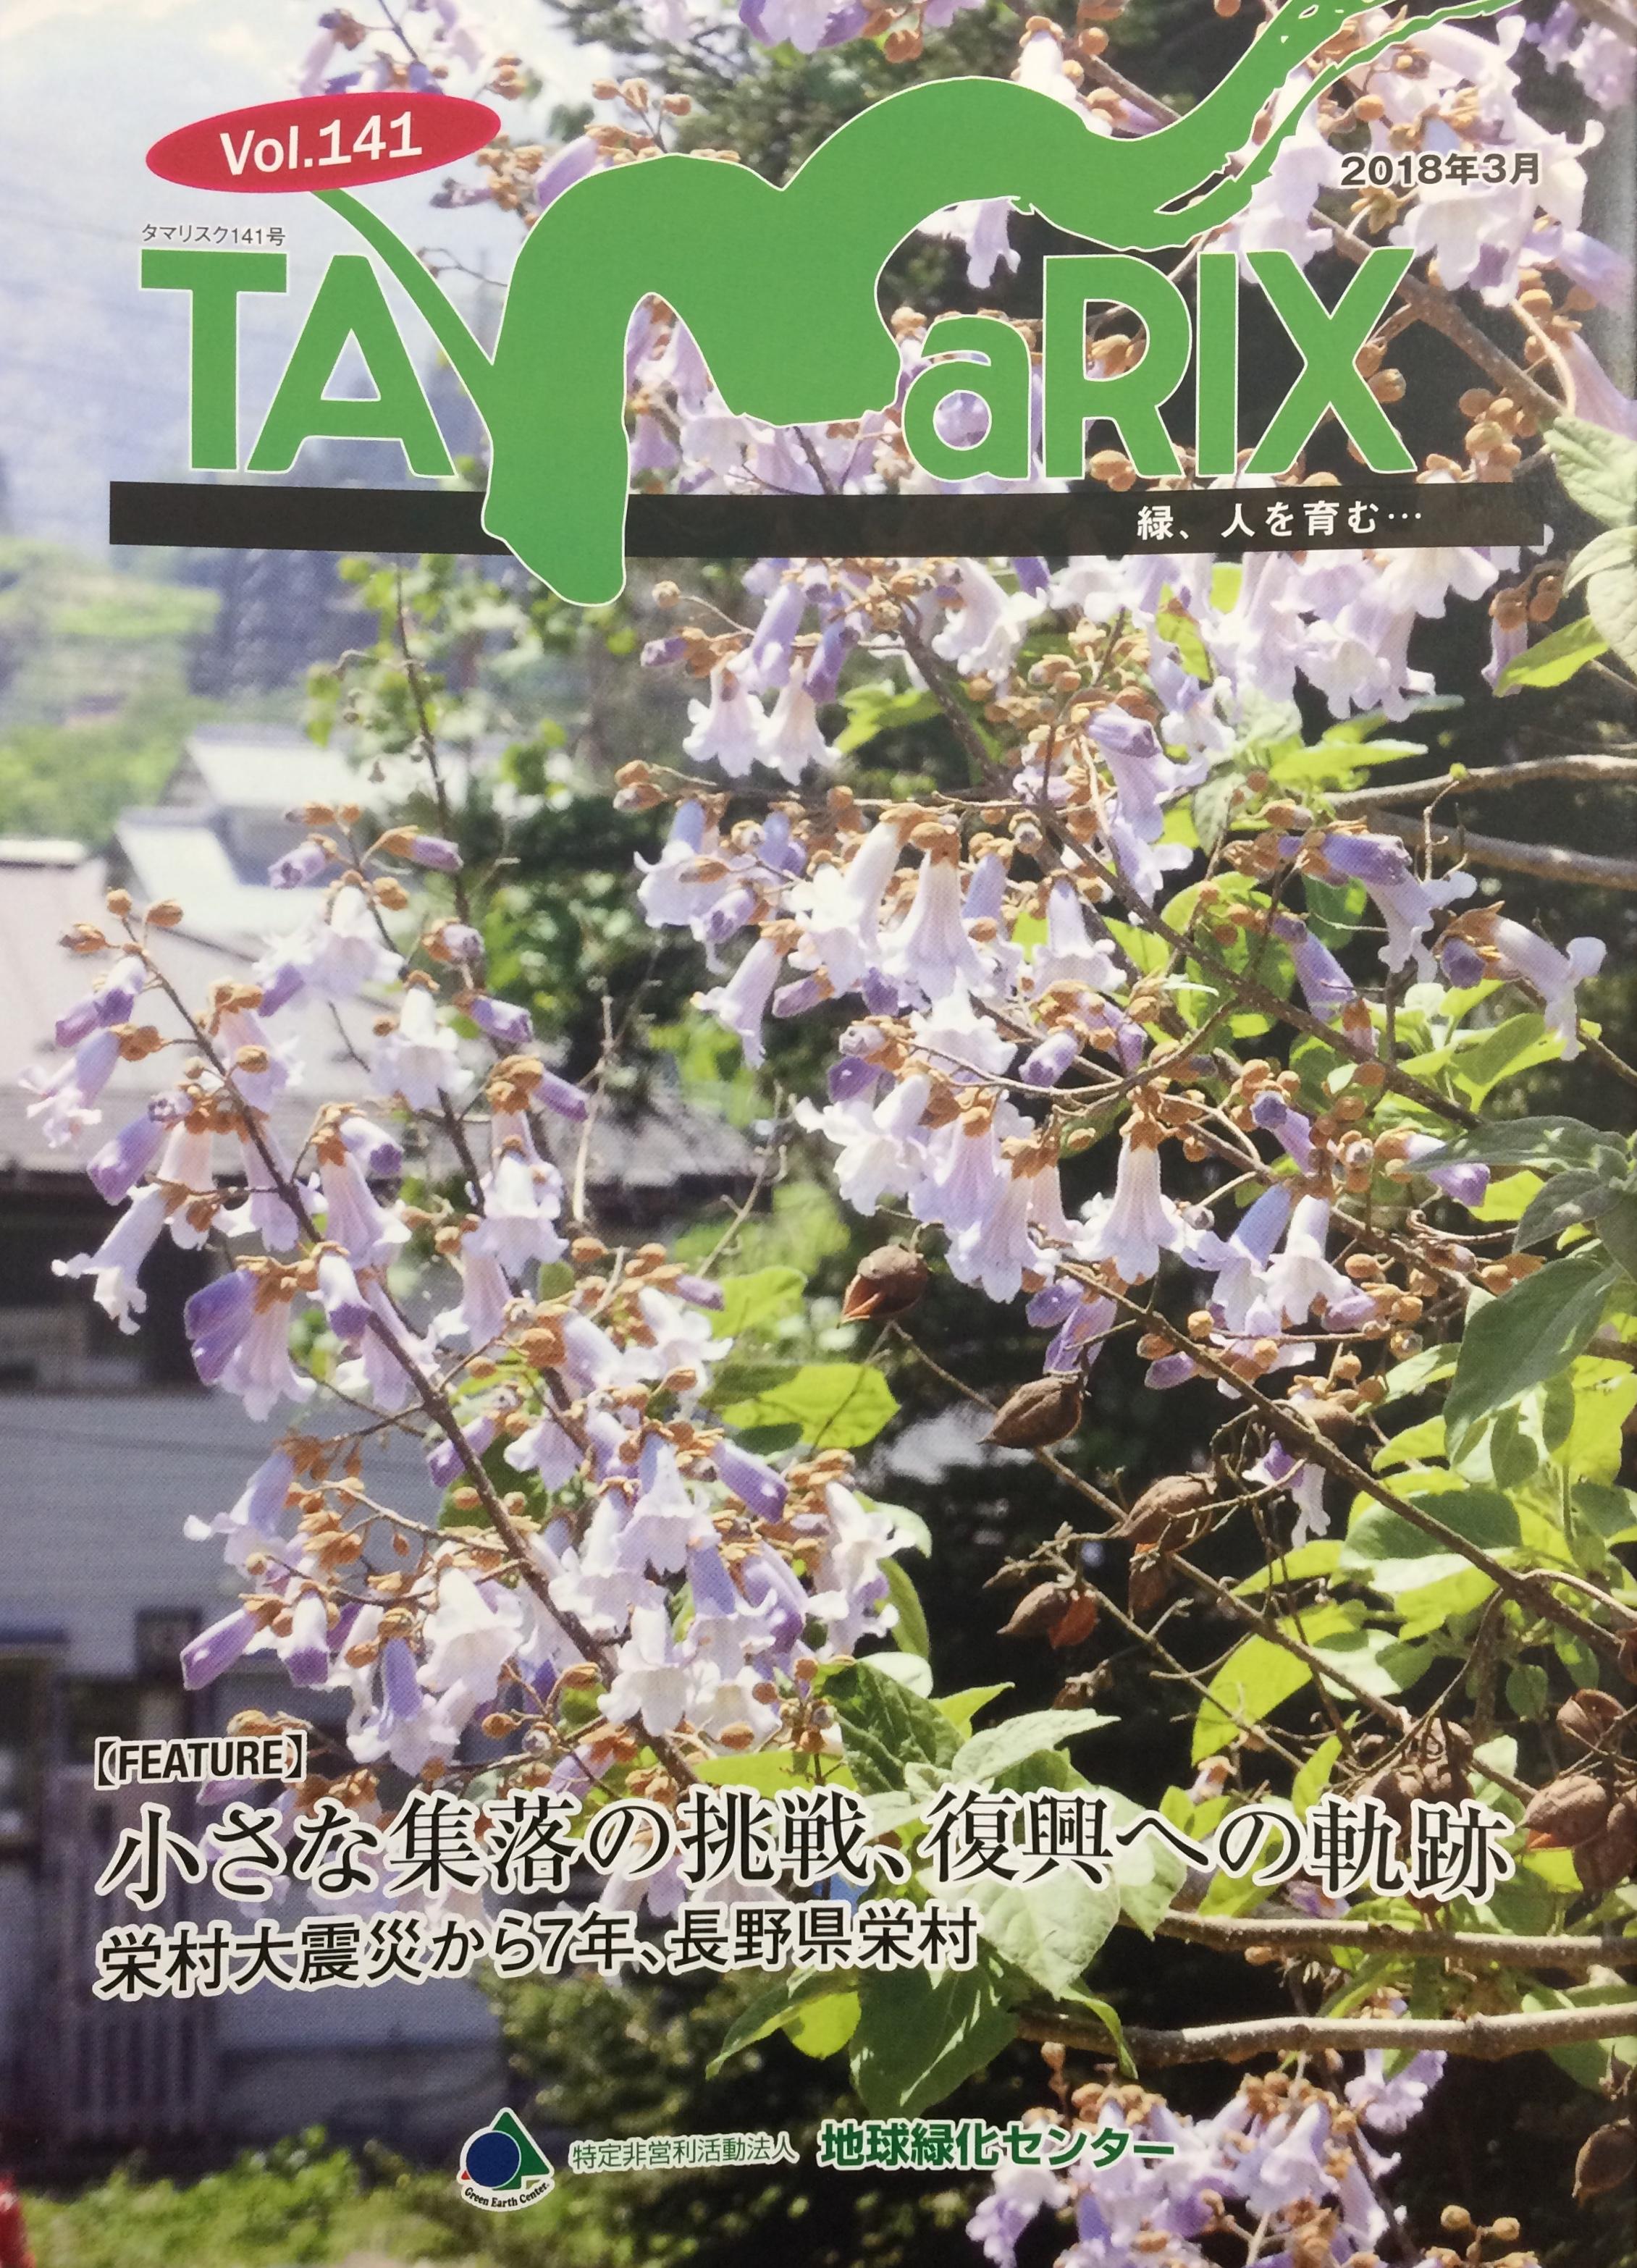 地球緑化センター『タマリスクvol.141』に自伐型林業の記事が掲載されました。